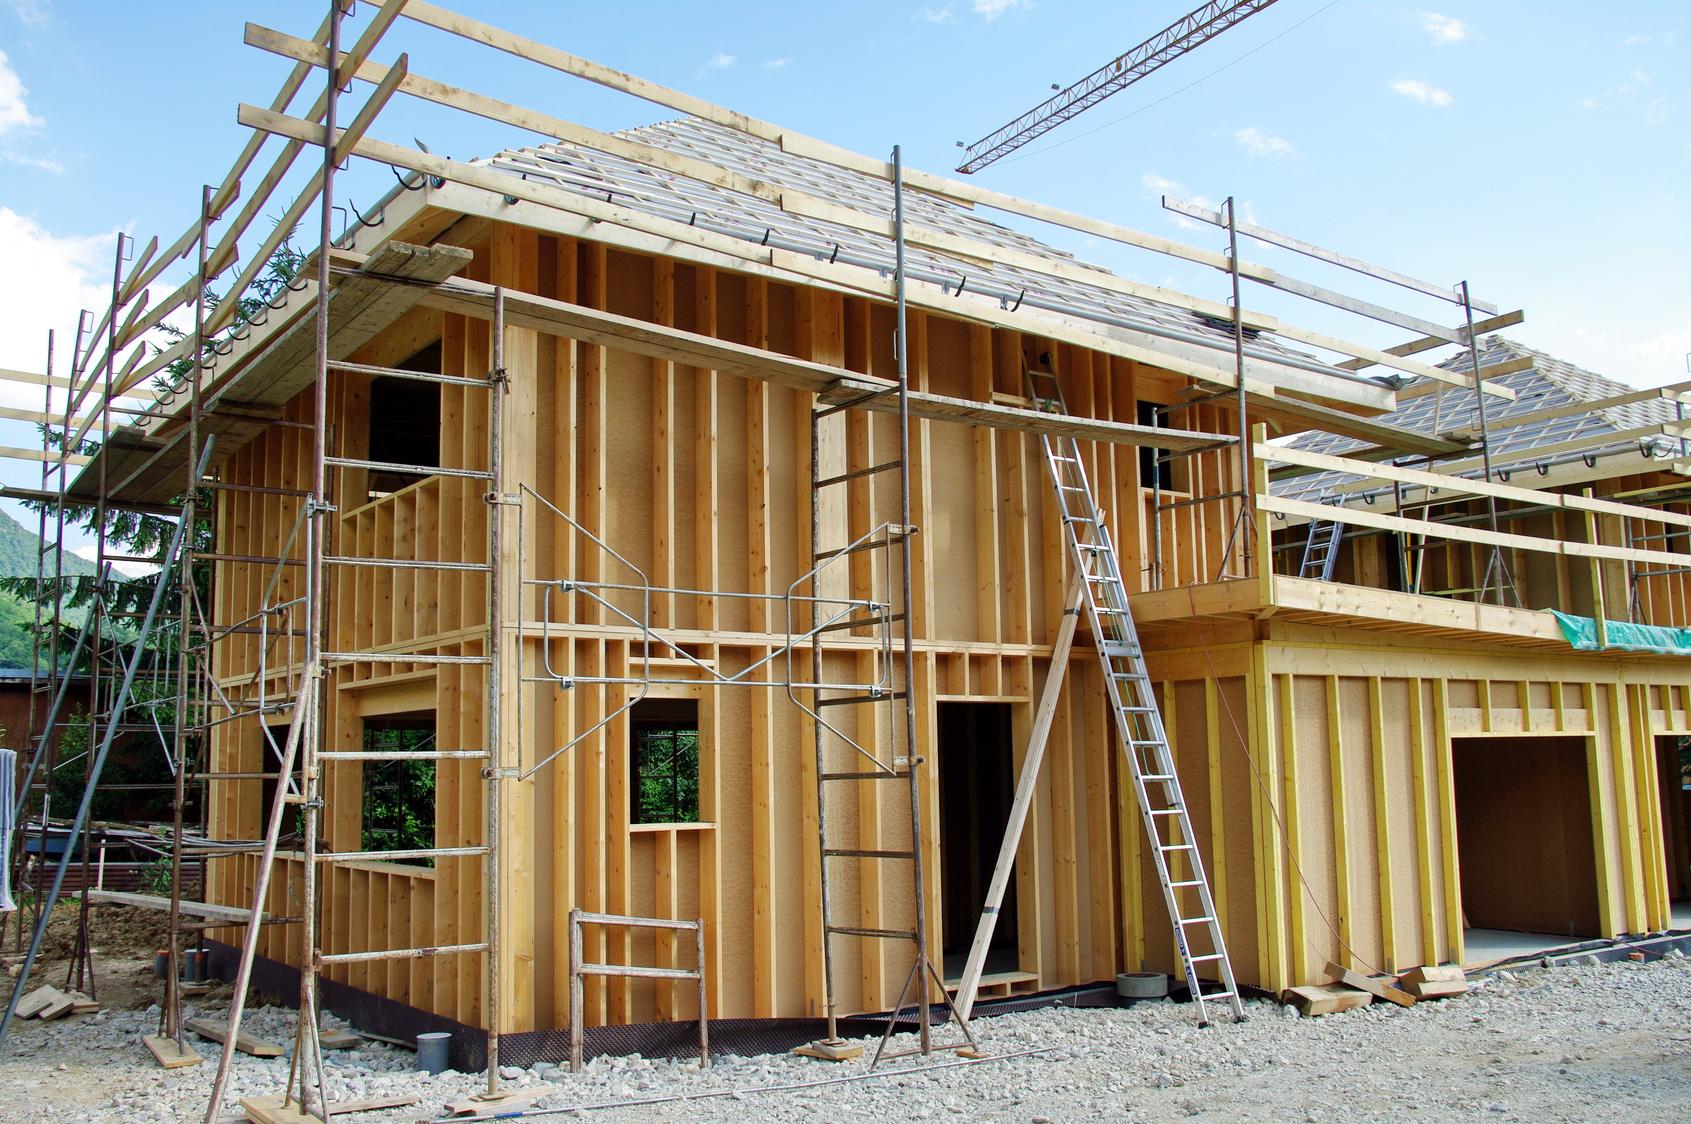 Les Étapes De Construction D'une Maison En Kit dedans Comment Fabriquer Une Cheminée De Maison